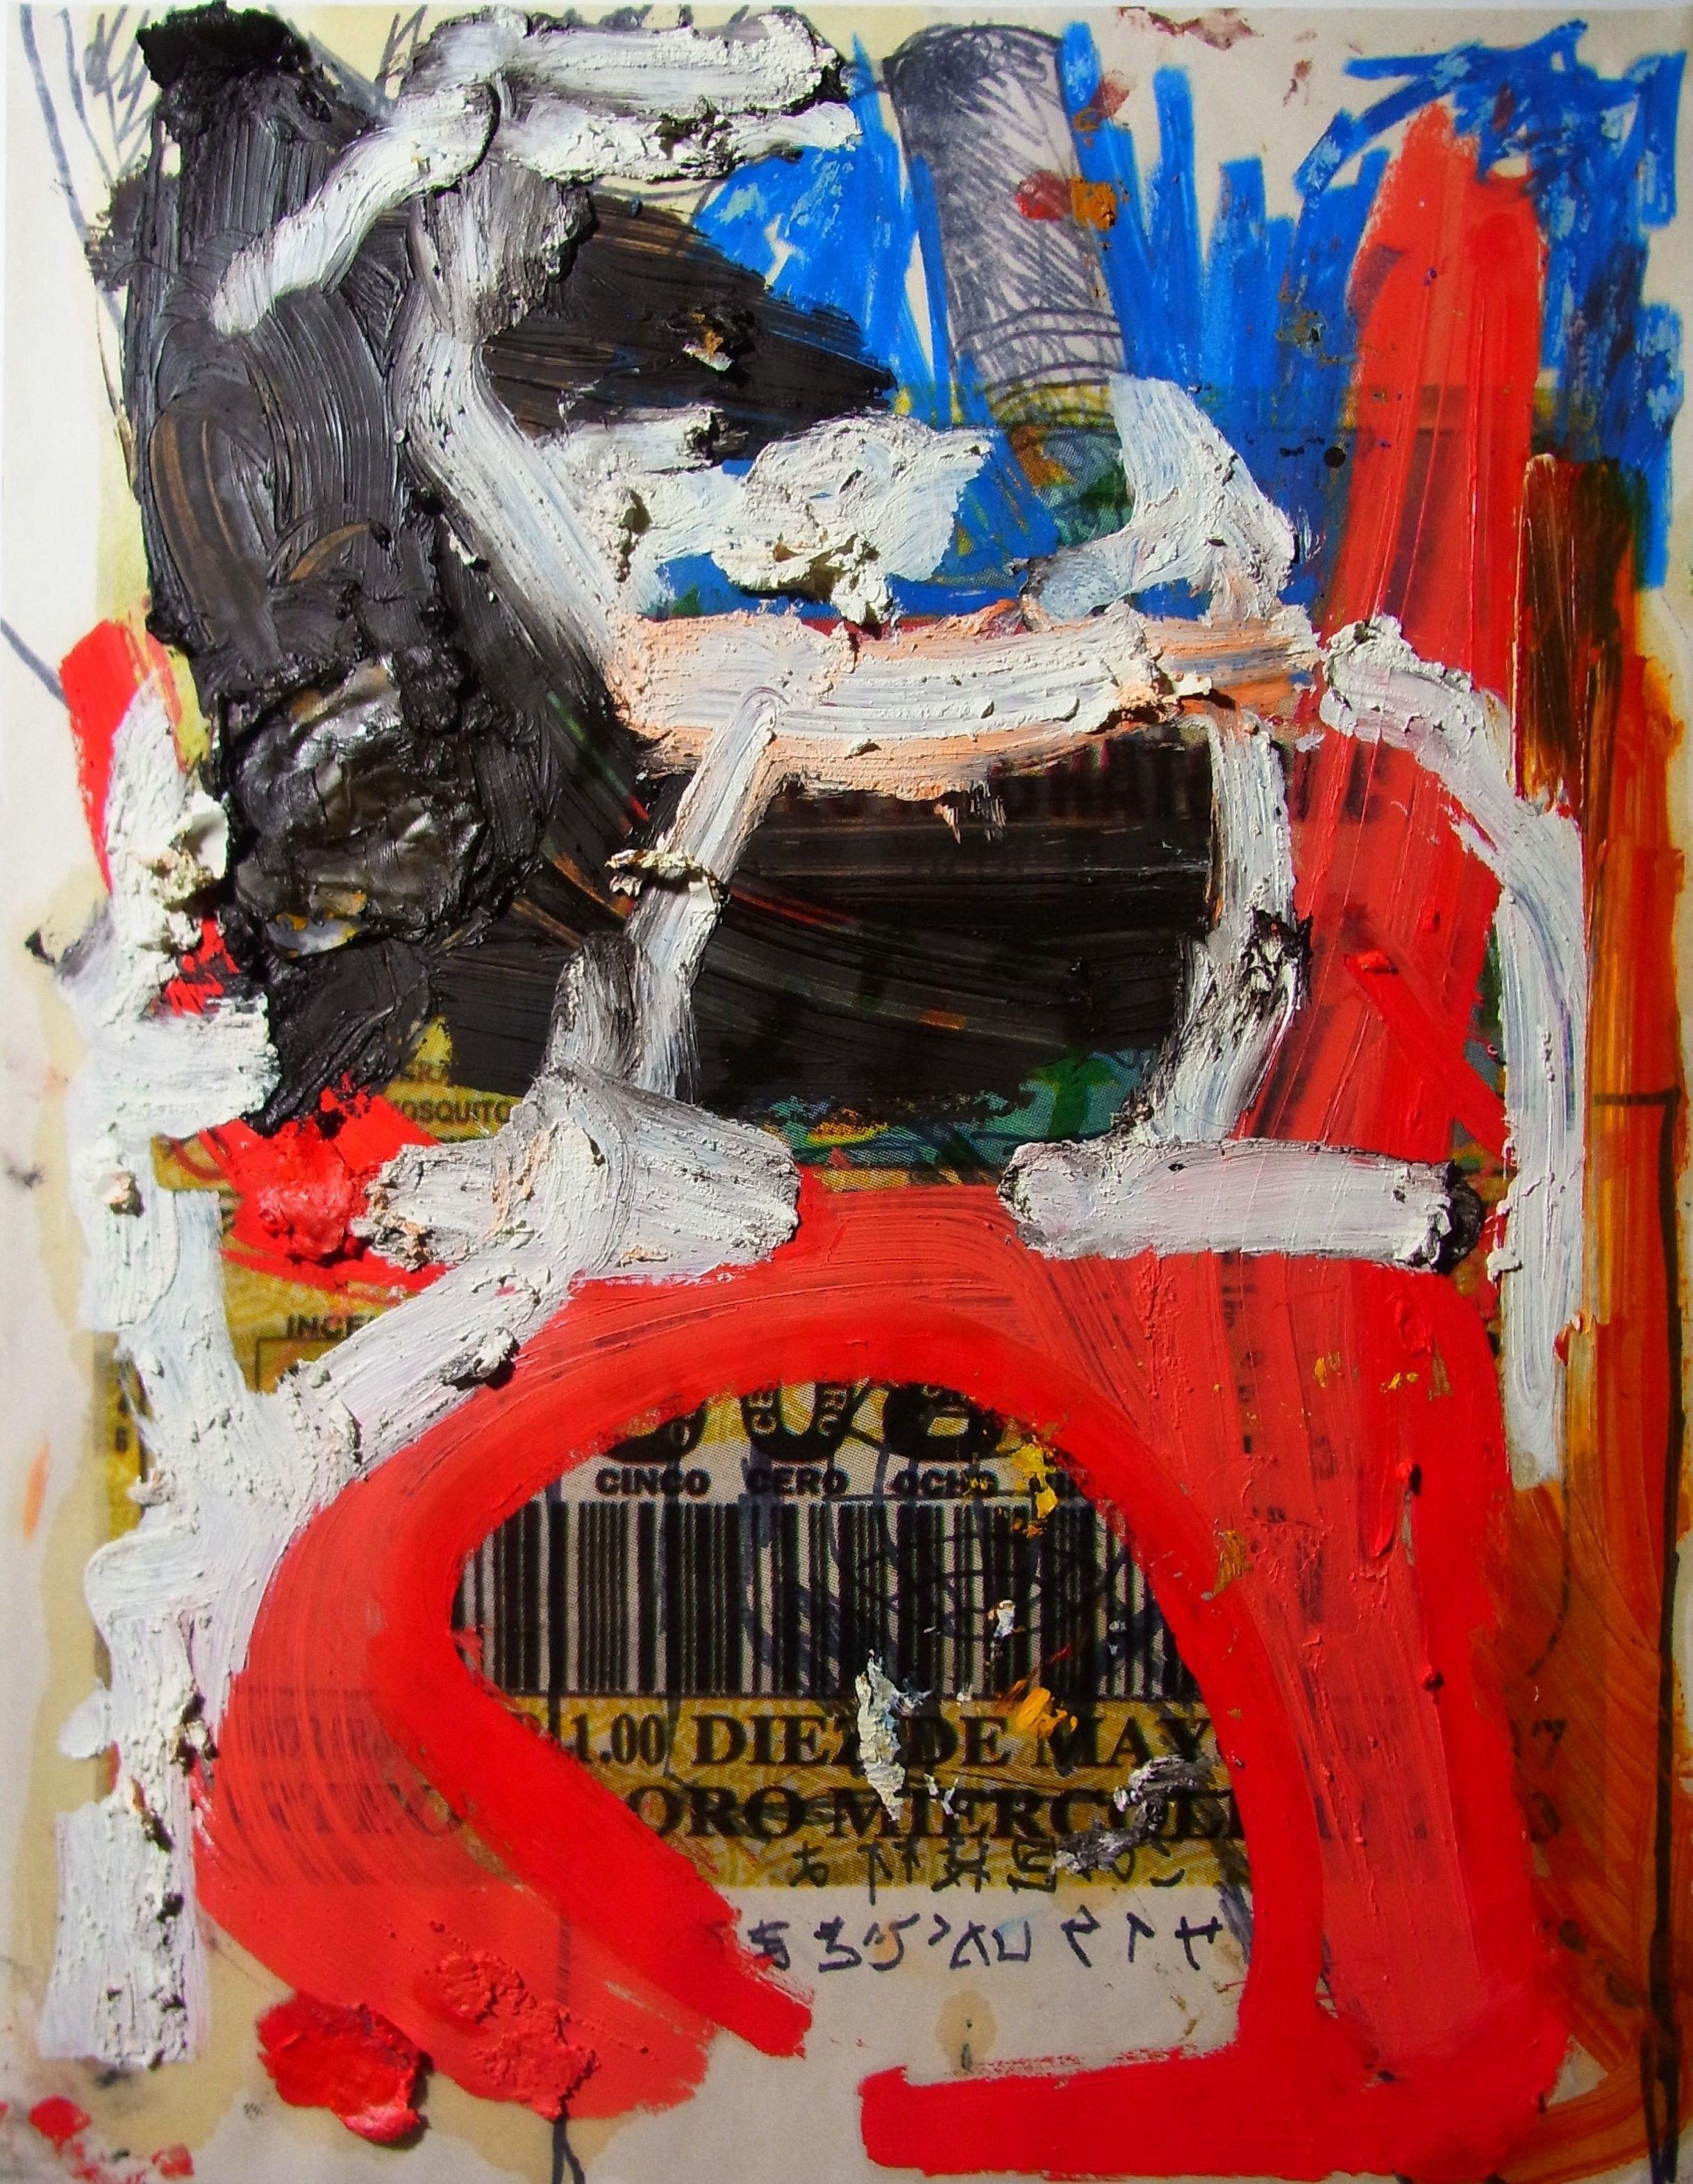 Oscar Murillo Geb 1986 Kolumbianischer Kunstler Mit Wohnsitz In London In 2020 Cool Paintings Painting Famous Art